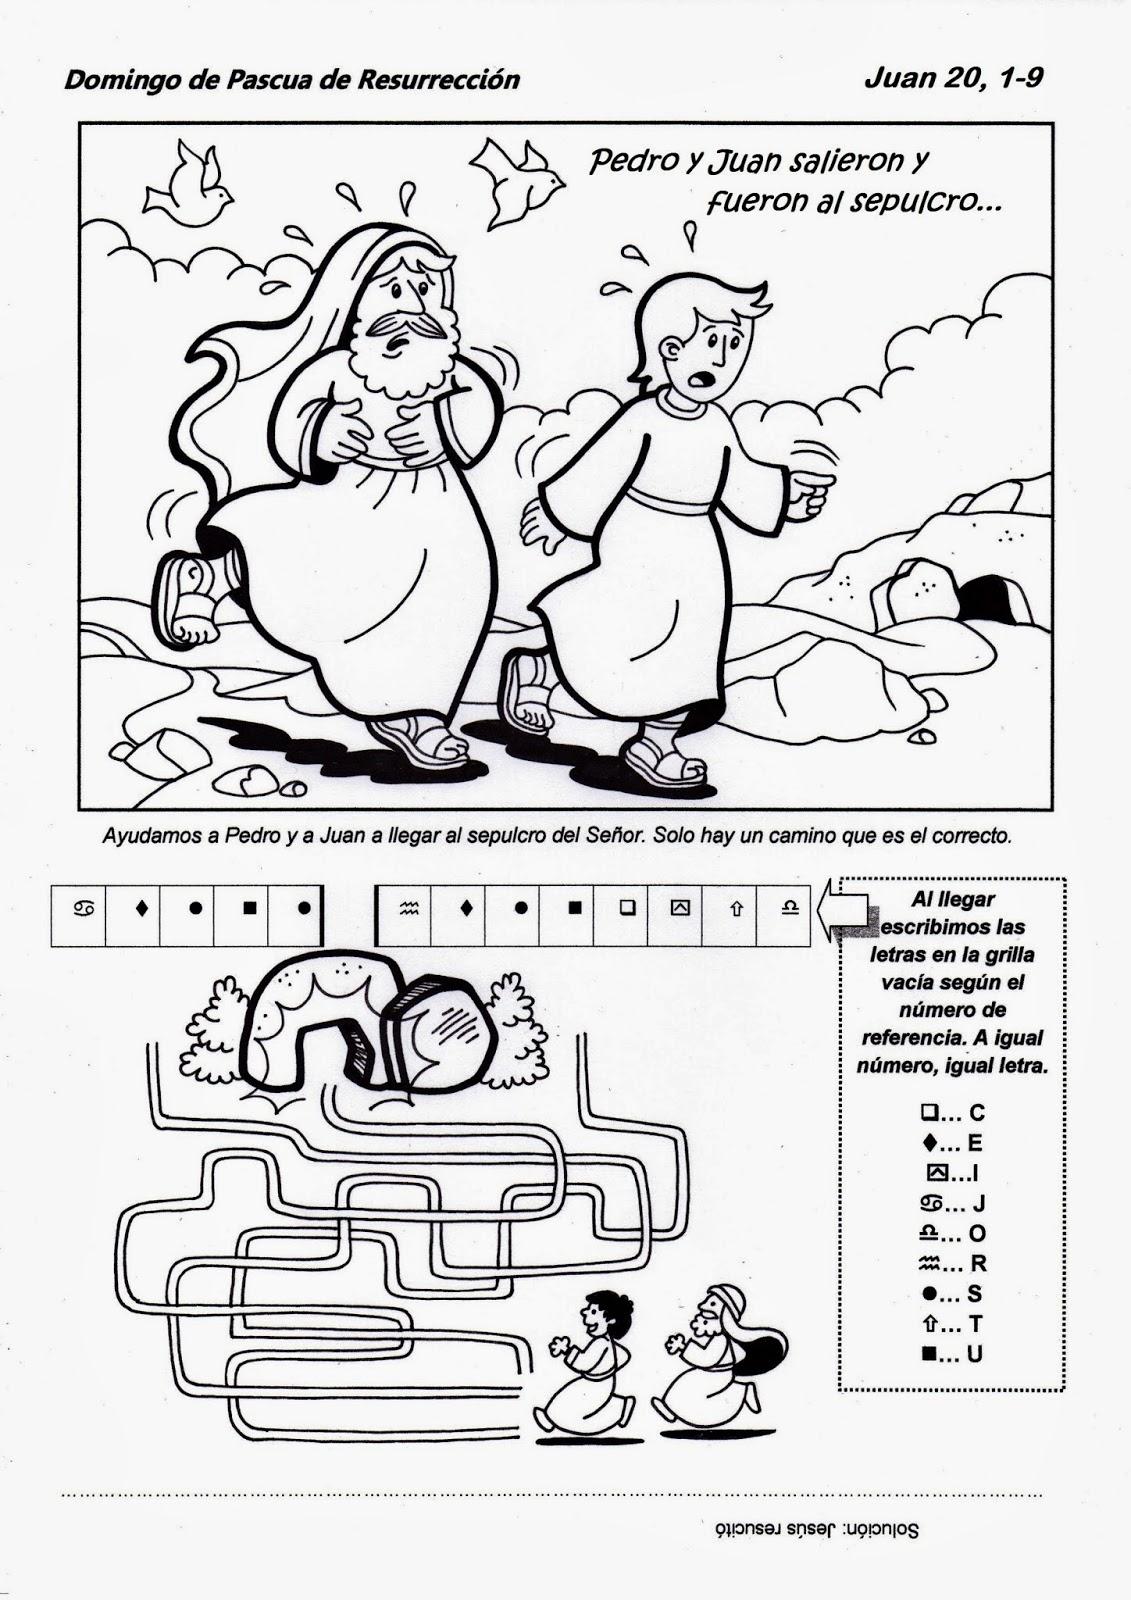 El Rincón de las Melli: Domingo de Pascua - CICLO A